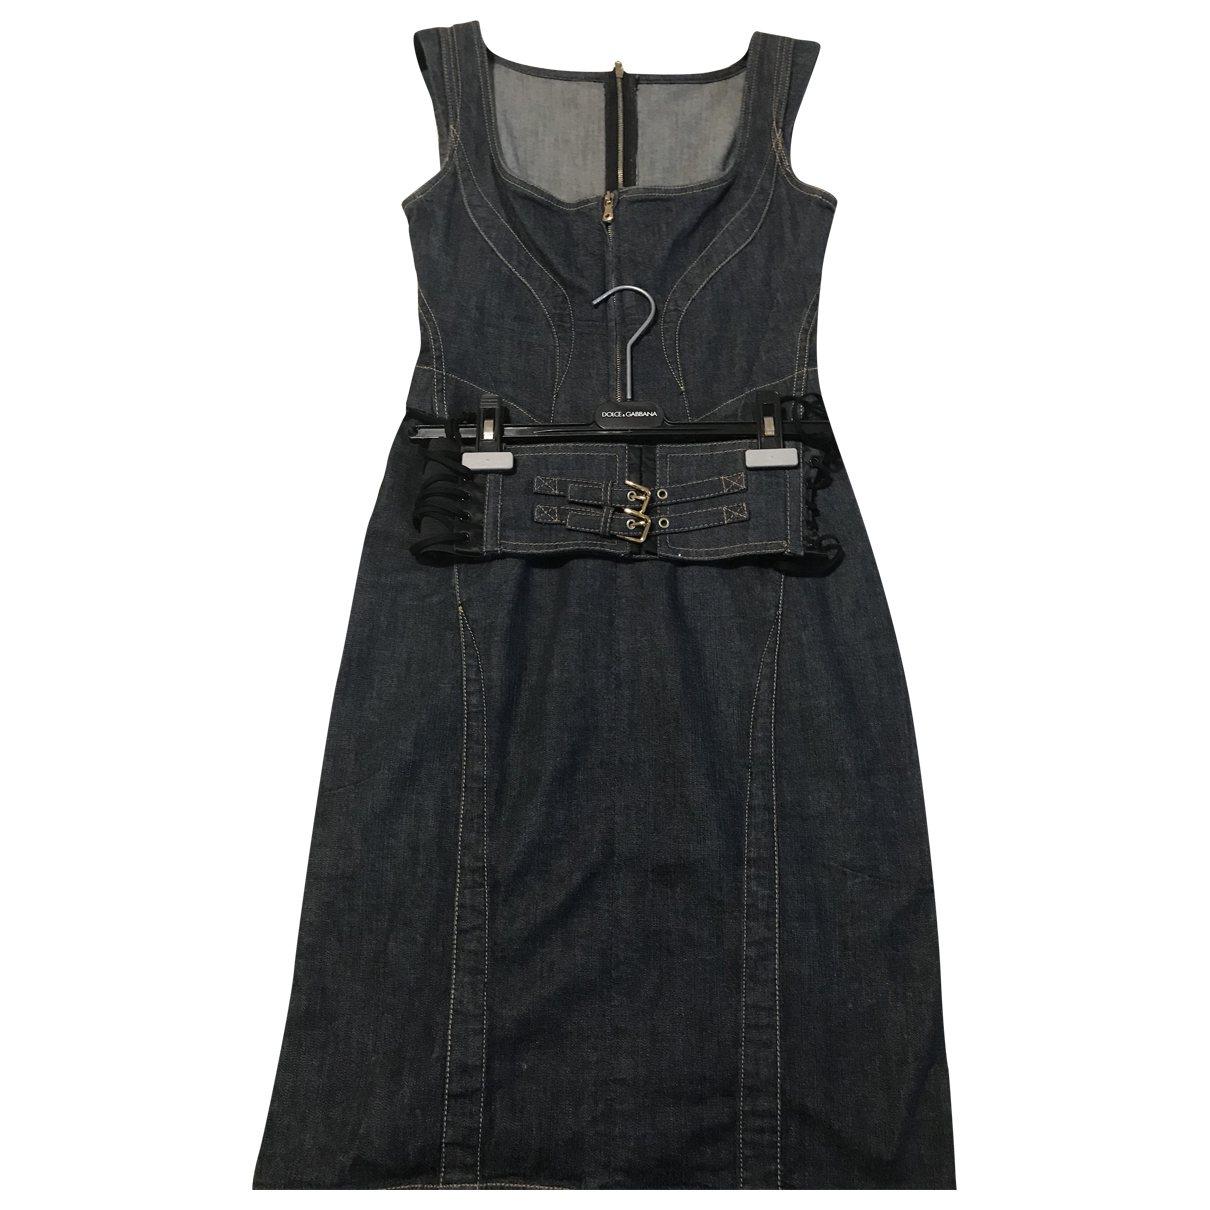 Dolce & Gabbana \N Denim - Jeans dress for Women 42 IT